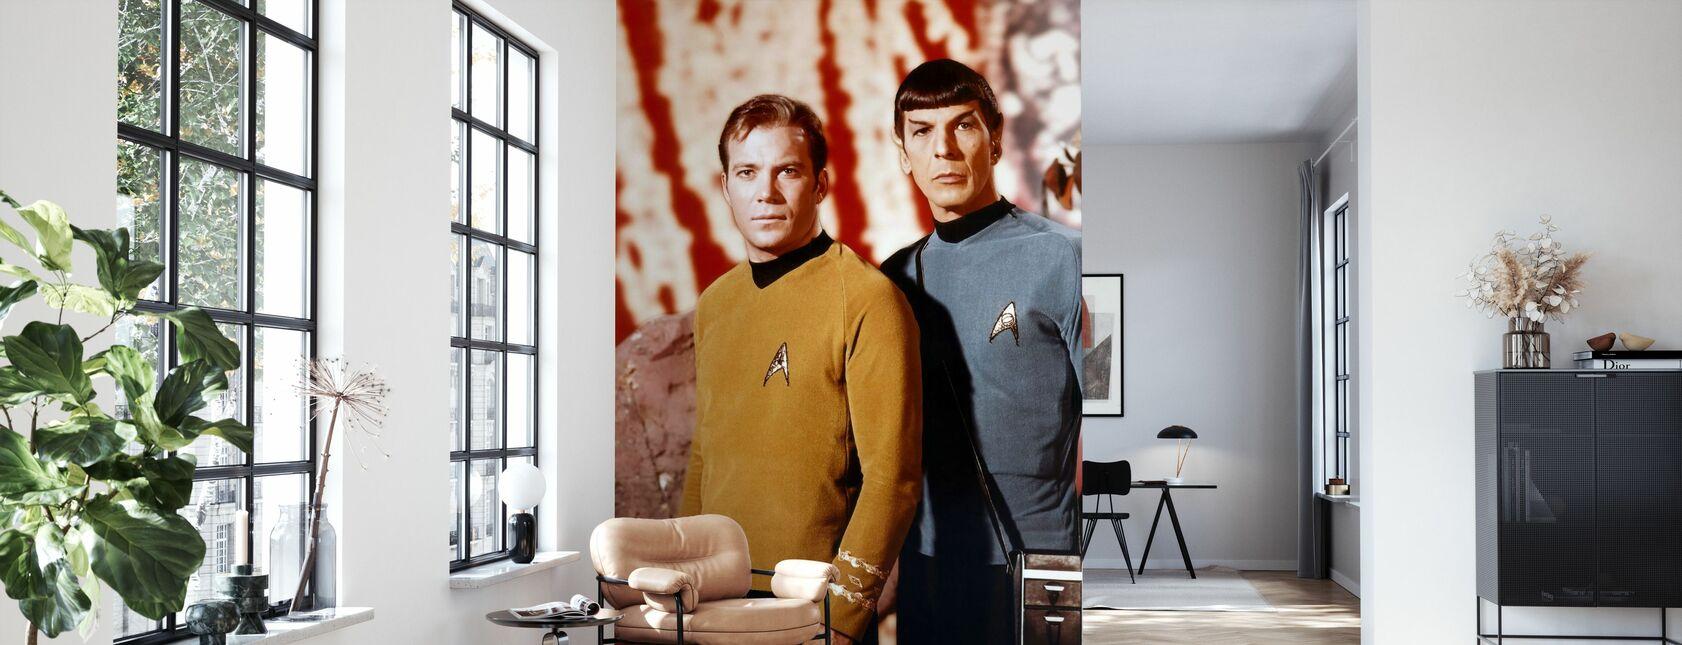 Kirk och Spock - Leonard Nimoy och William Shatner - Tapet - Vardagsrum